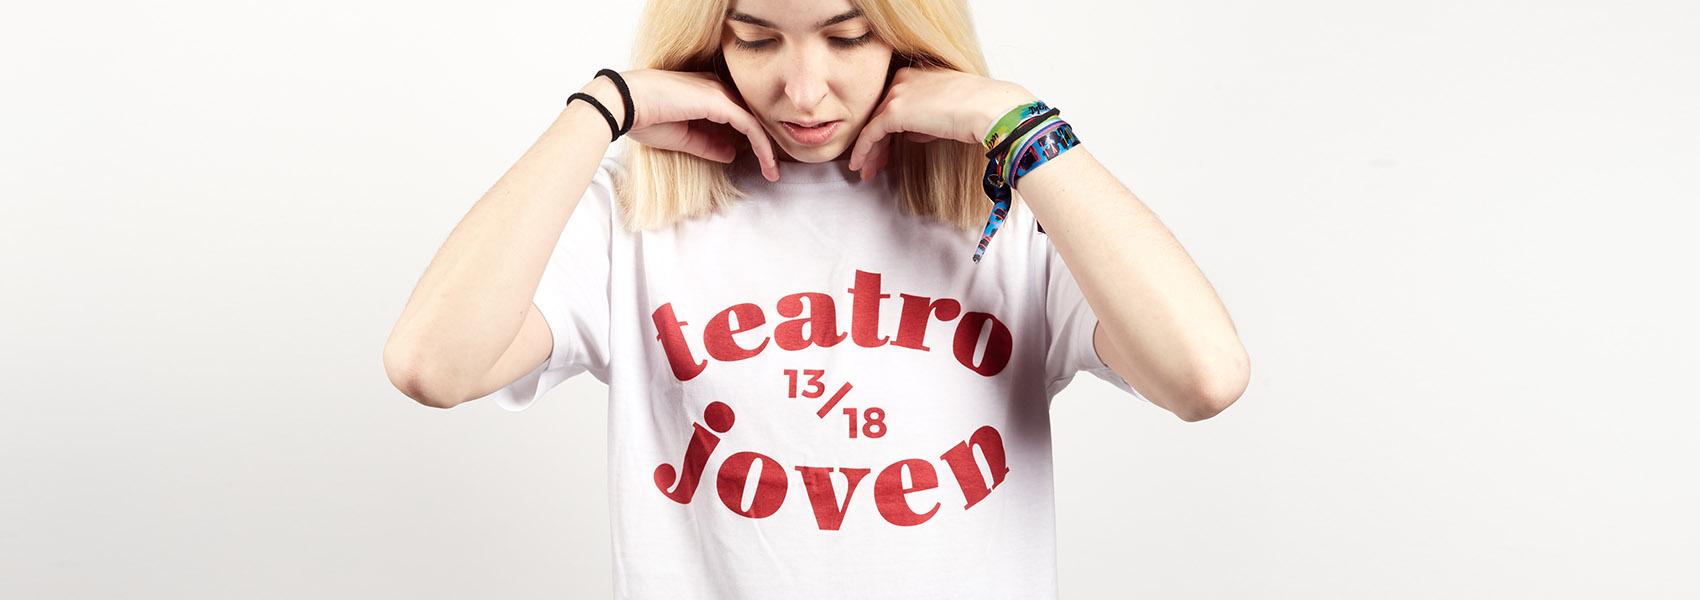 Curso de teatro para jóvenes en Madrid